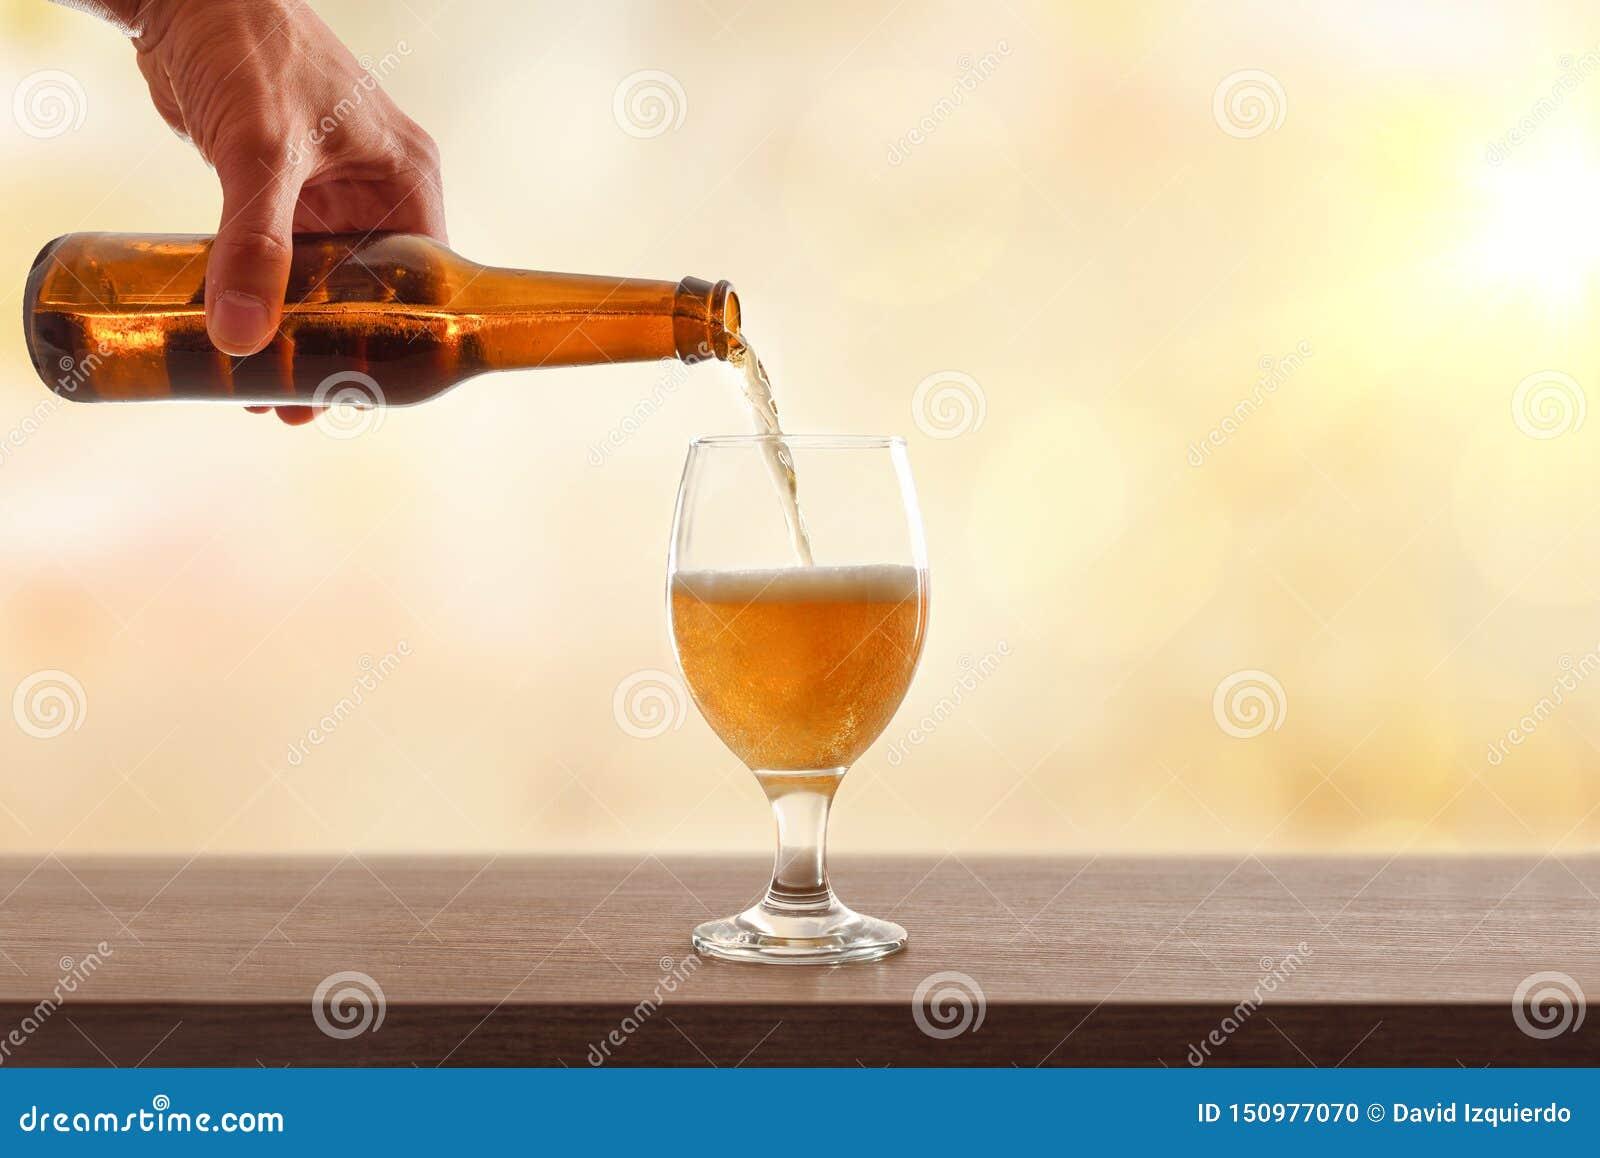 Mano que celebra embotellado de la cerveza un fondo de oro de la taza de cristal